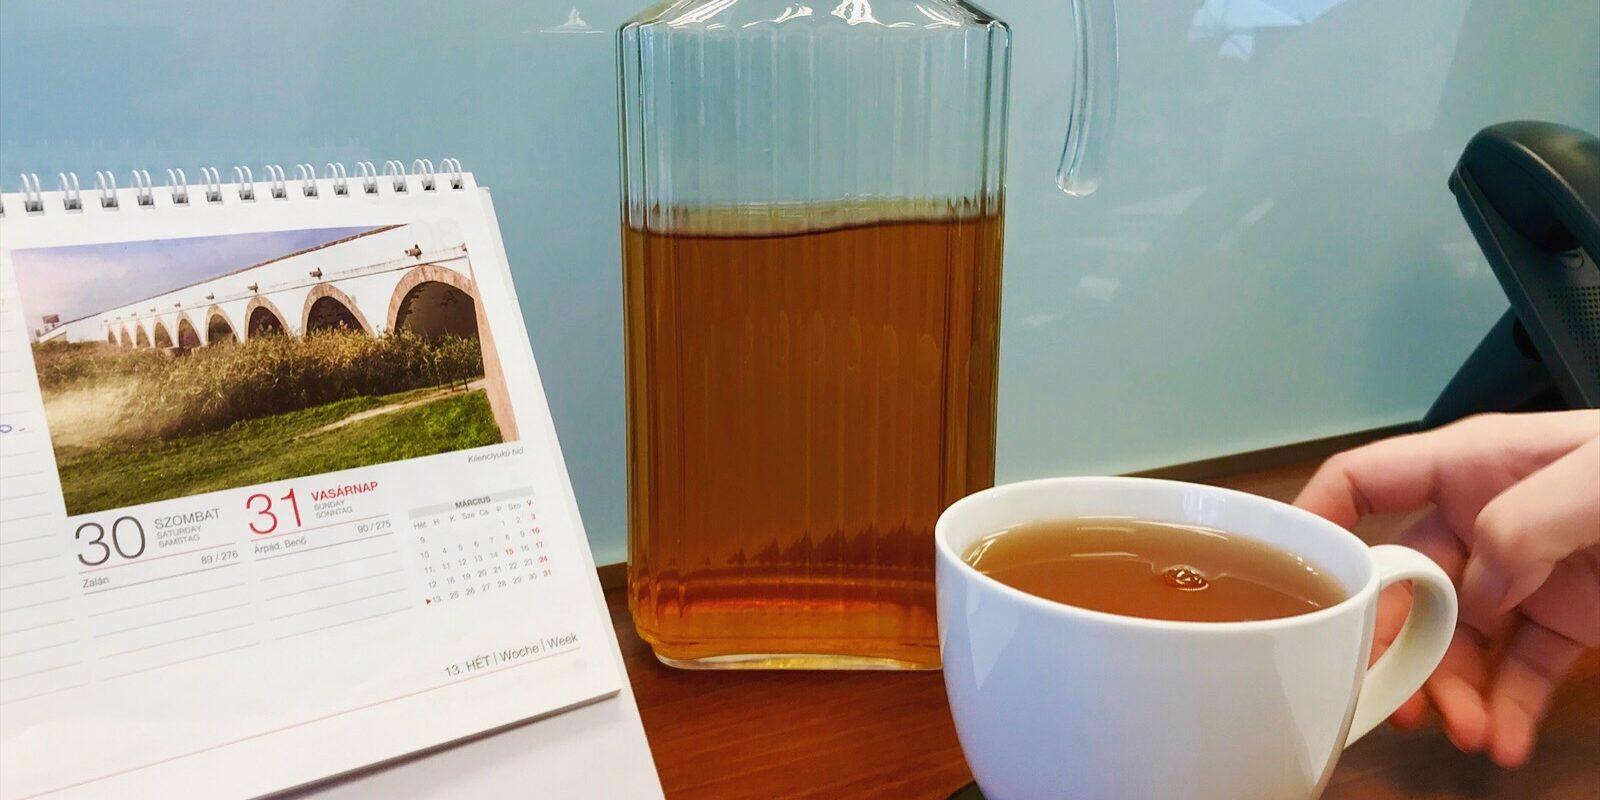 11 tea, ami jobb, mint egy óra az edzőteremben